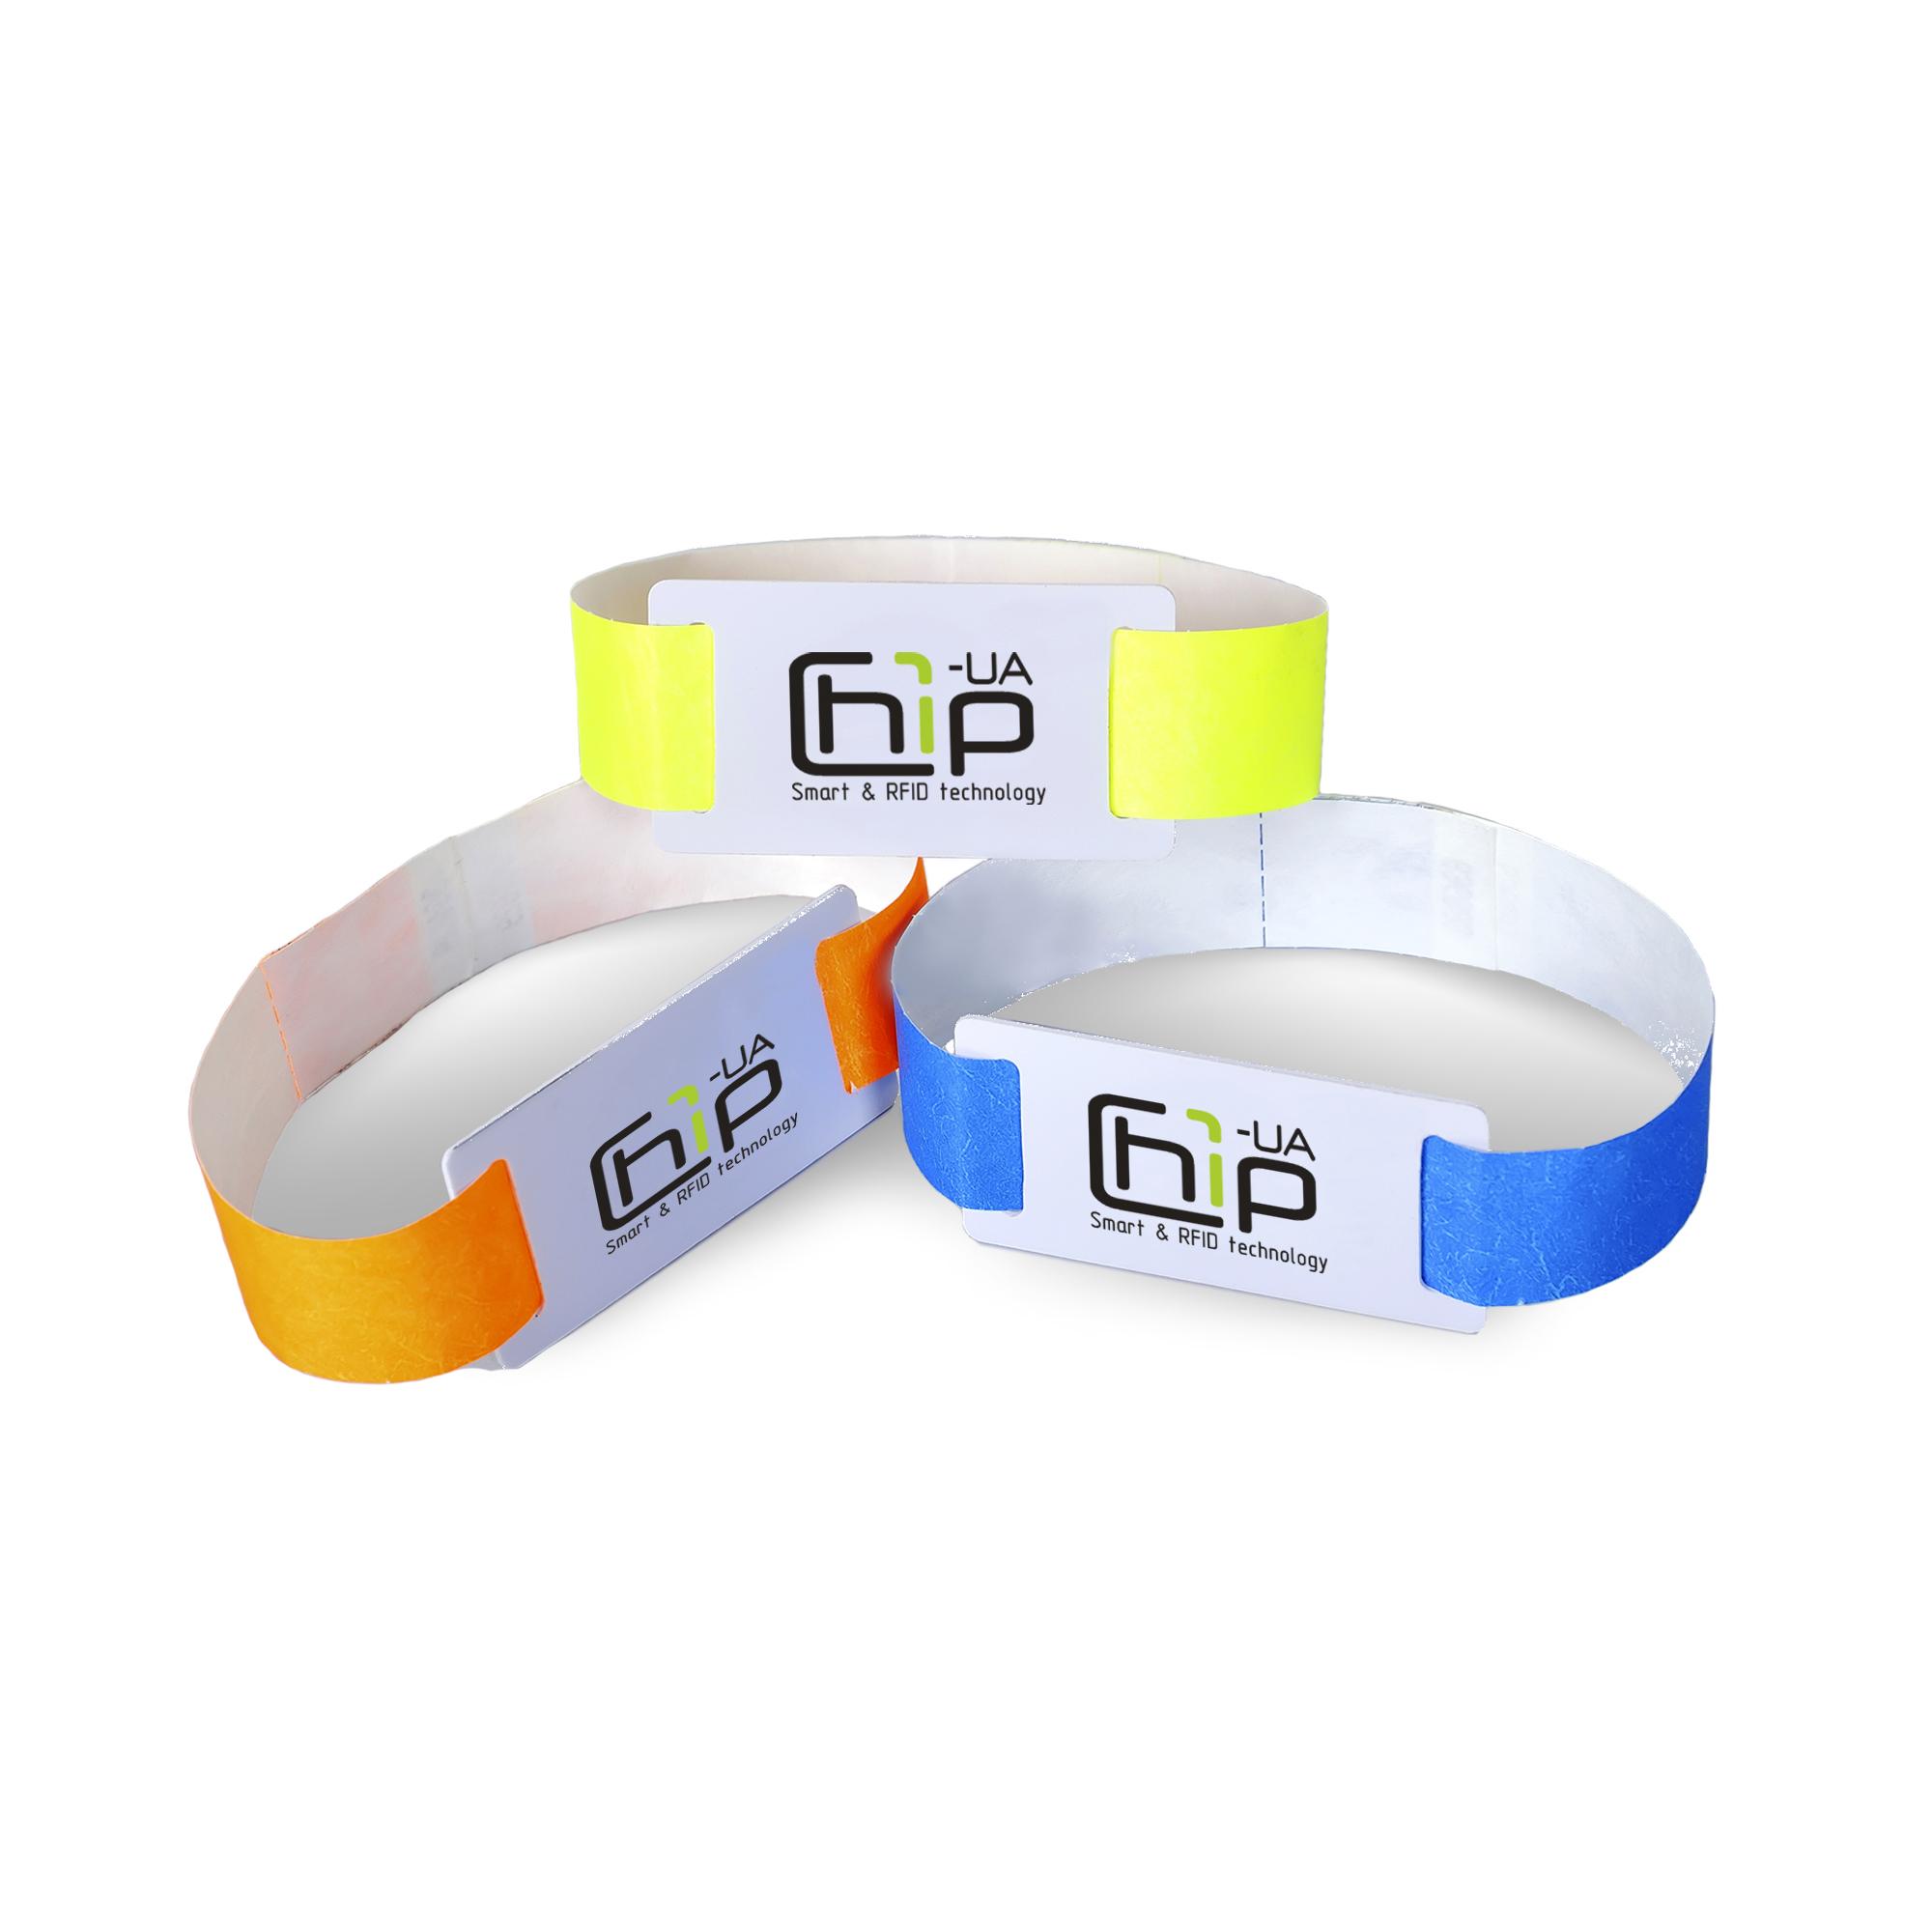 Chip-UA | Оранжевый, желтый и синий бесконтактные RFID–браслеты с полноцветной печатью на бумажном ремешке с чипом Atmel (Temic) T5557, T5577